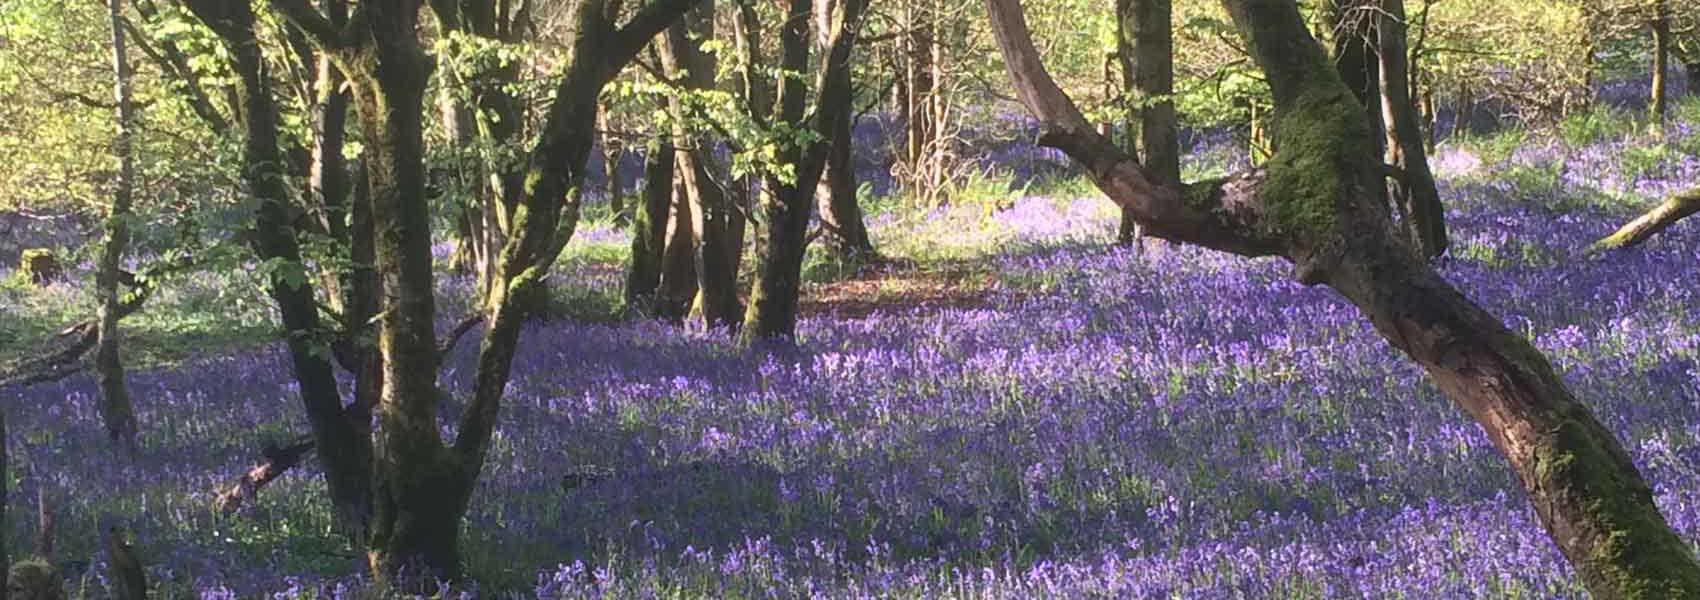 Dinefwr-Dynefor-Castle-Woods-Nature-reserve-Llandeilo